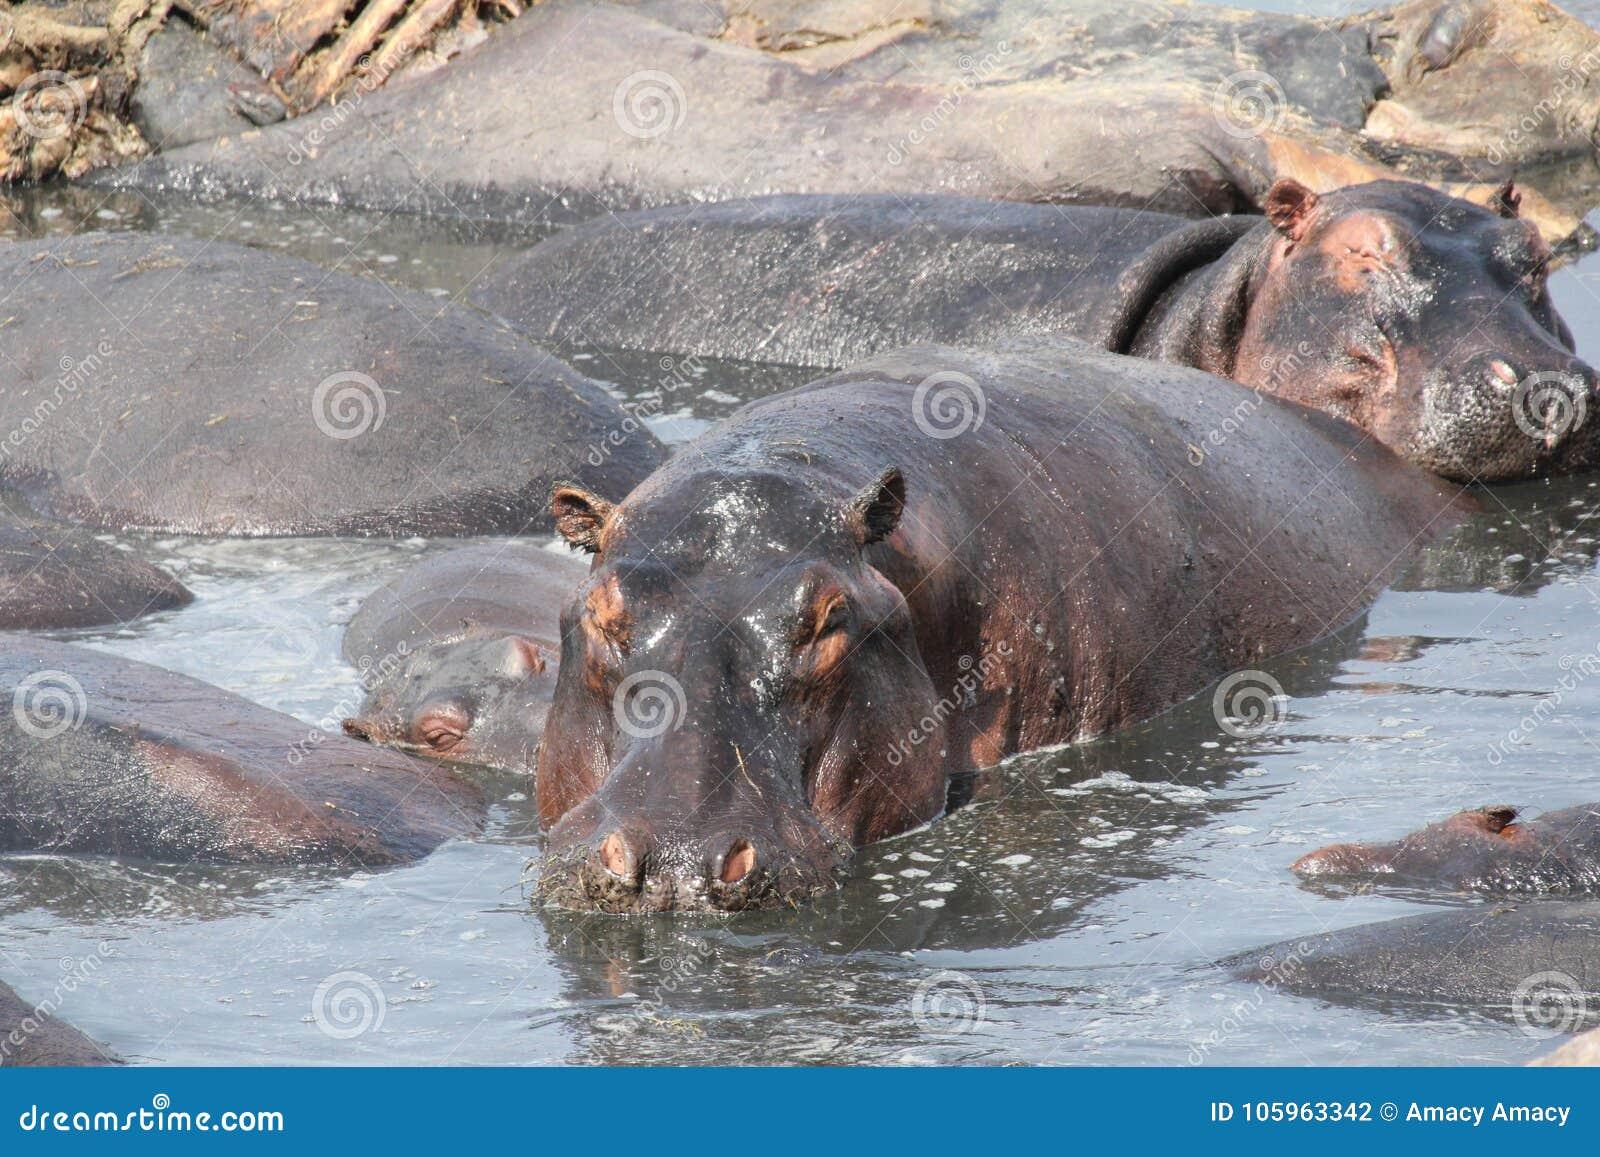 Hipo during day time at ruaha national park tanzania